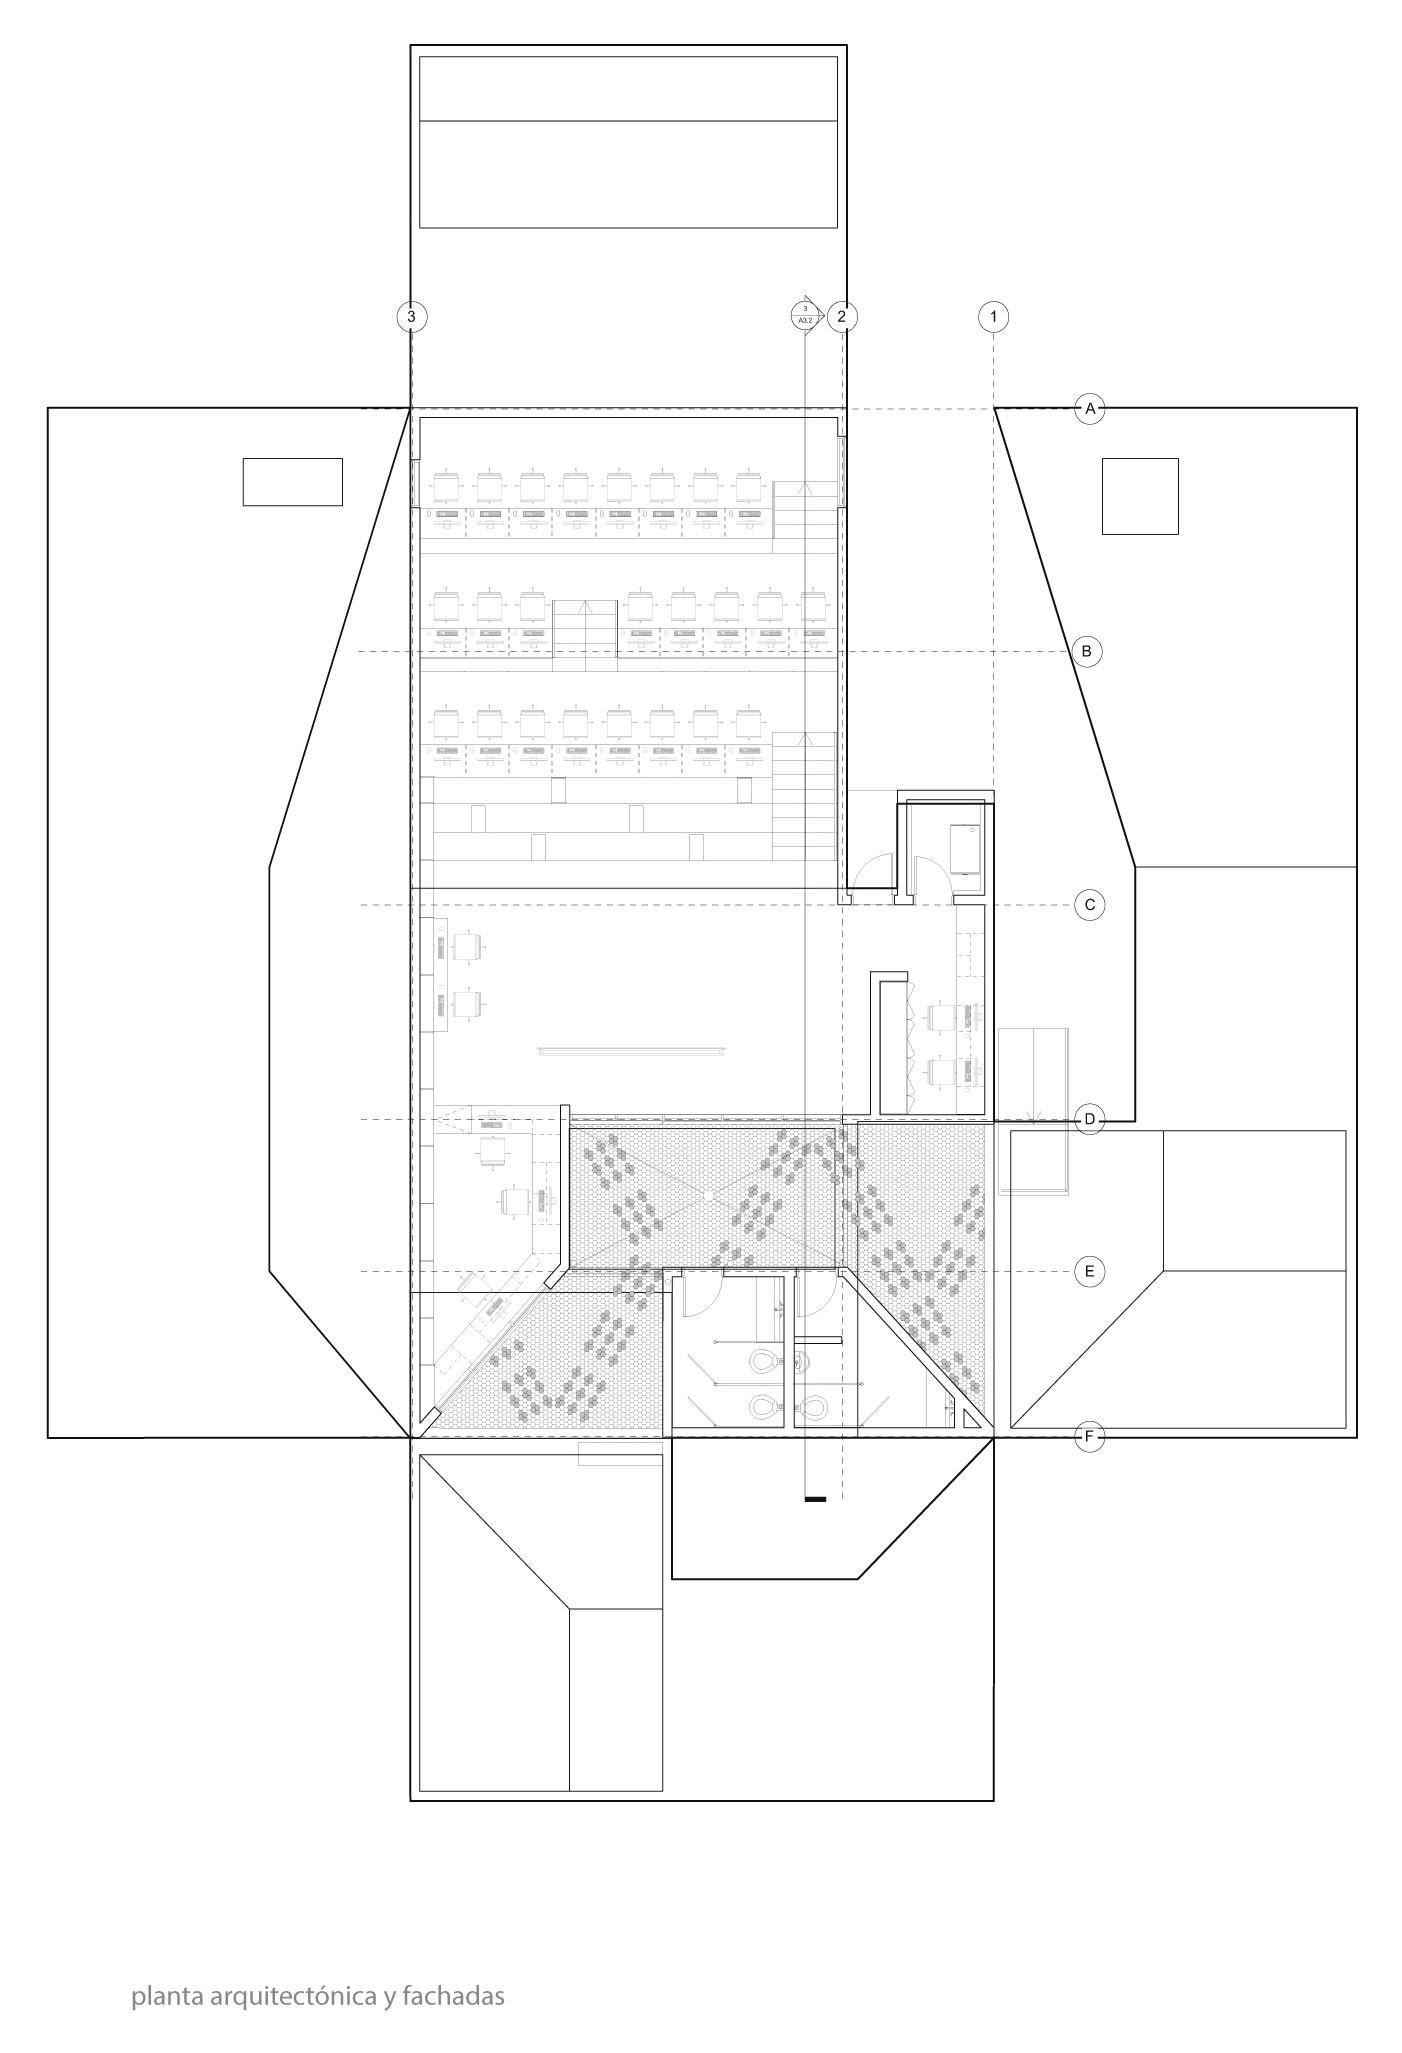 Gallery of casa de las ideas library crostudio 24 for Ideas para la casa